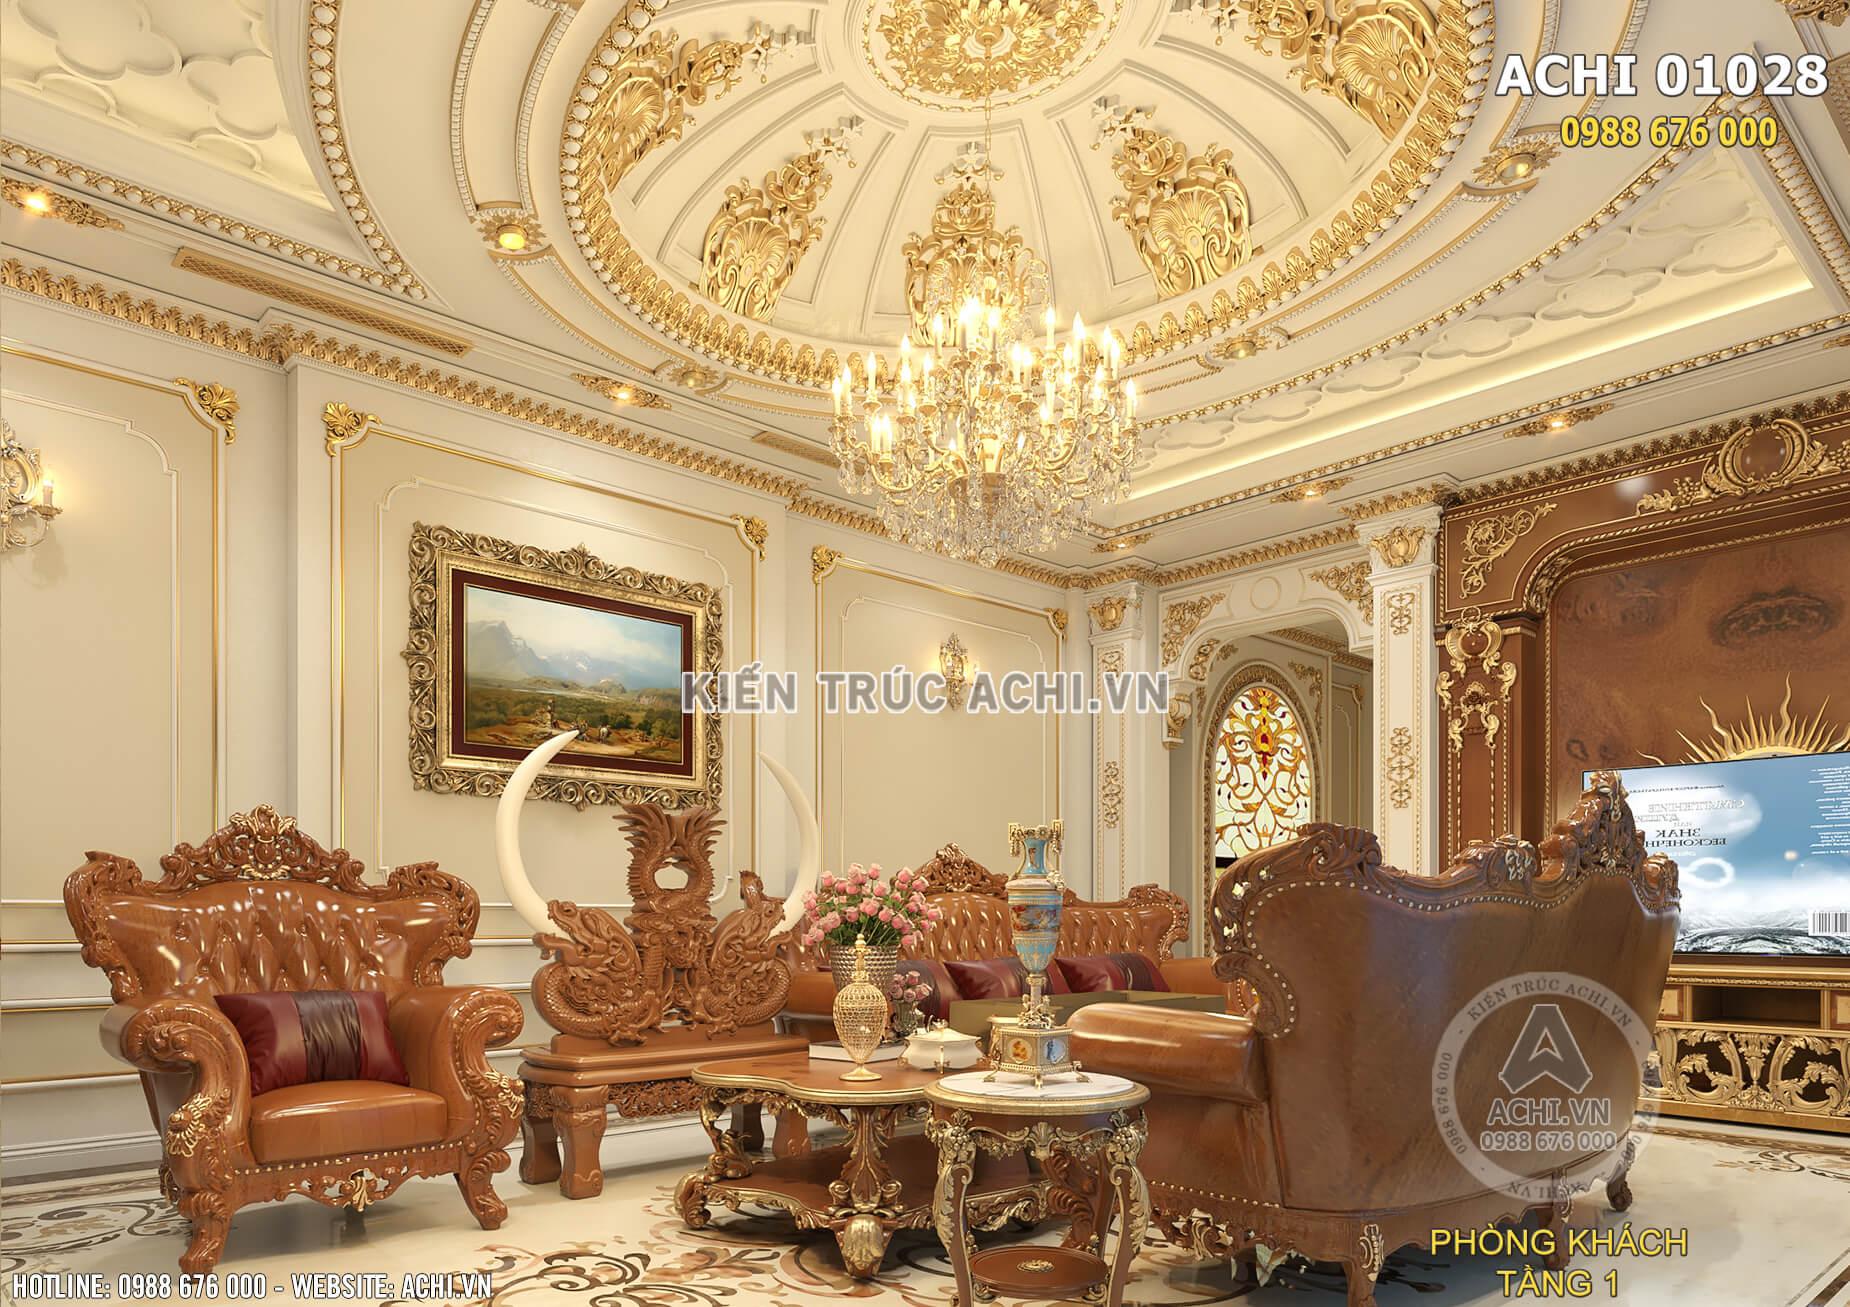 Mẫu thiết kế nội thất tân cổ điển đẹp xa hoa